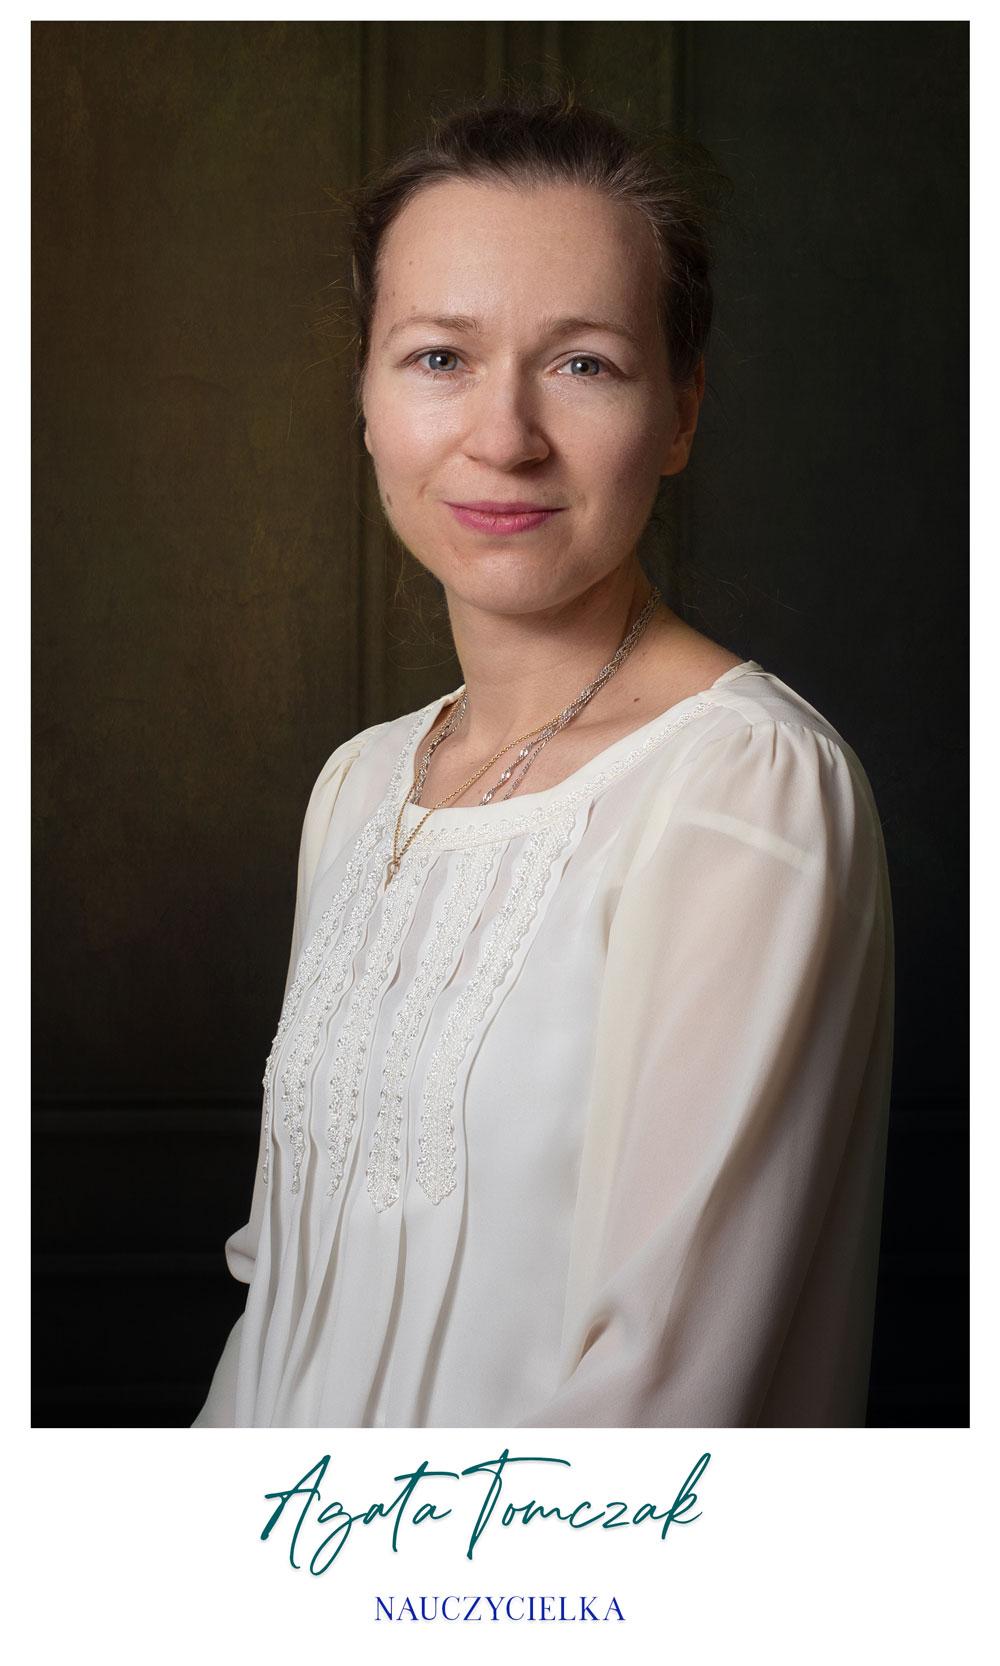 Agata Tomczak